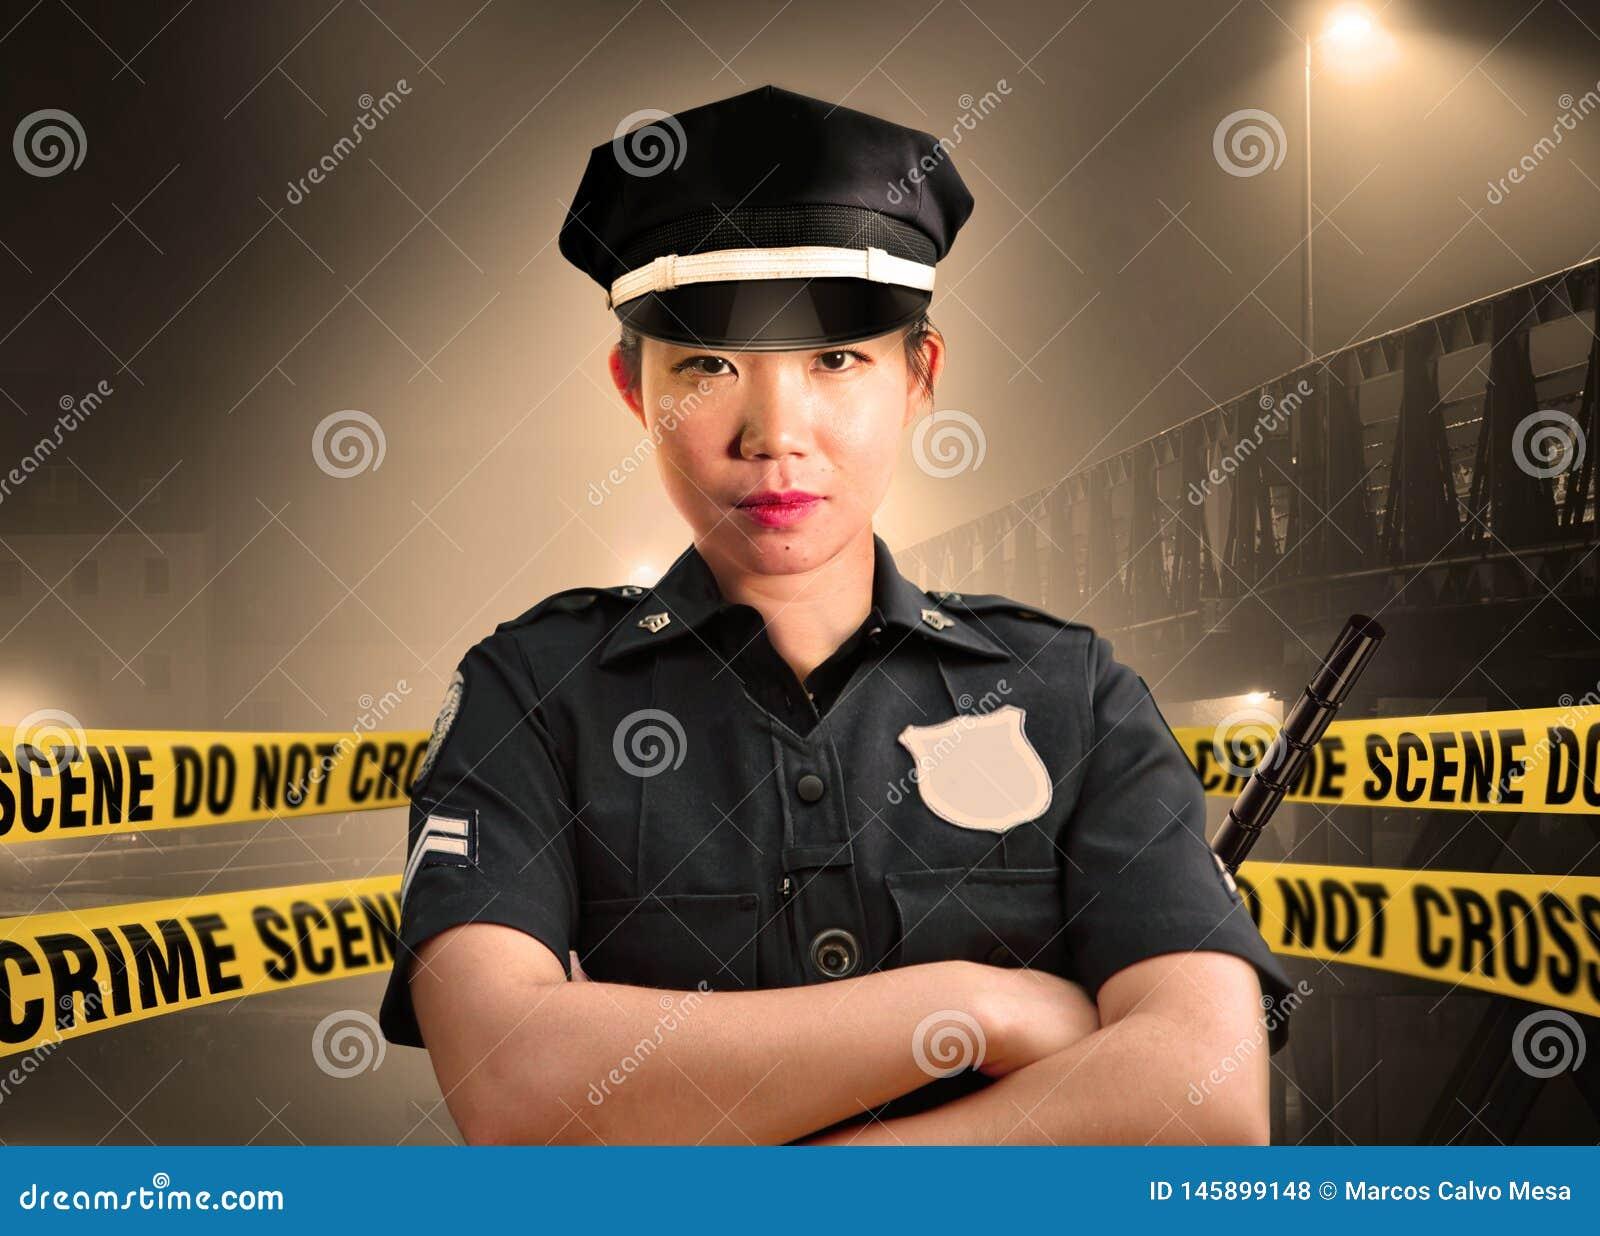 Situaci?n americana asi?tica joven del oficial de polic?a seria en la custodia de la escena del crimen para preservar pruebas en